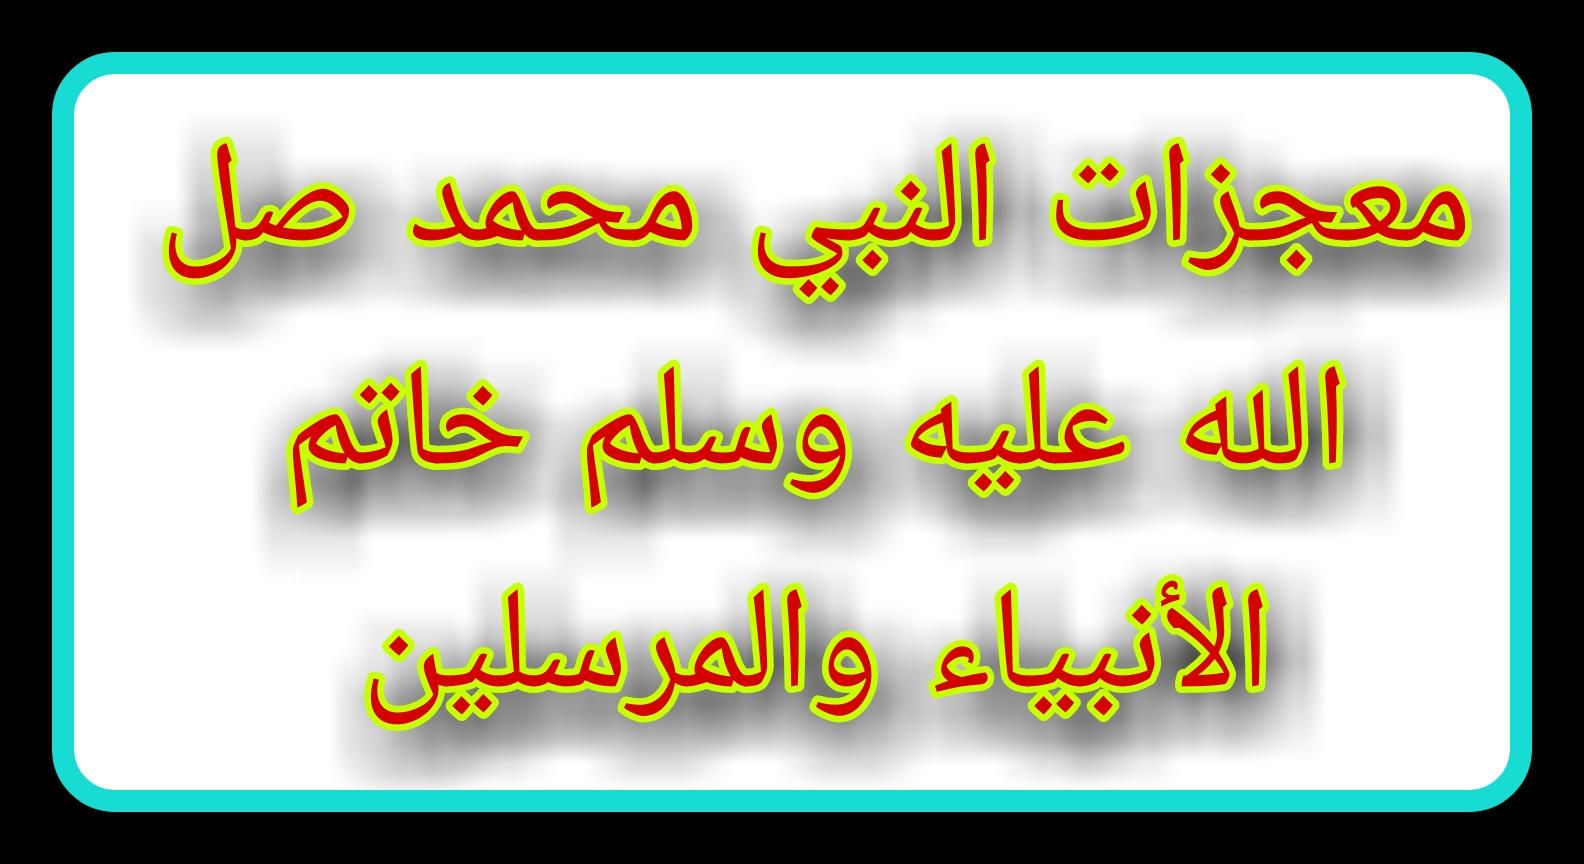 معجزات الرسول محمد في القران |  معجزات الرسول محمد يوم ولادته